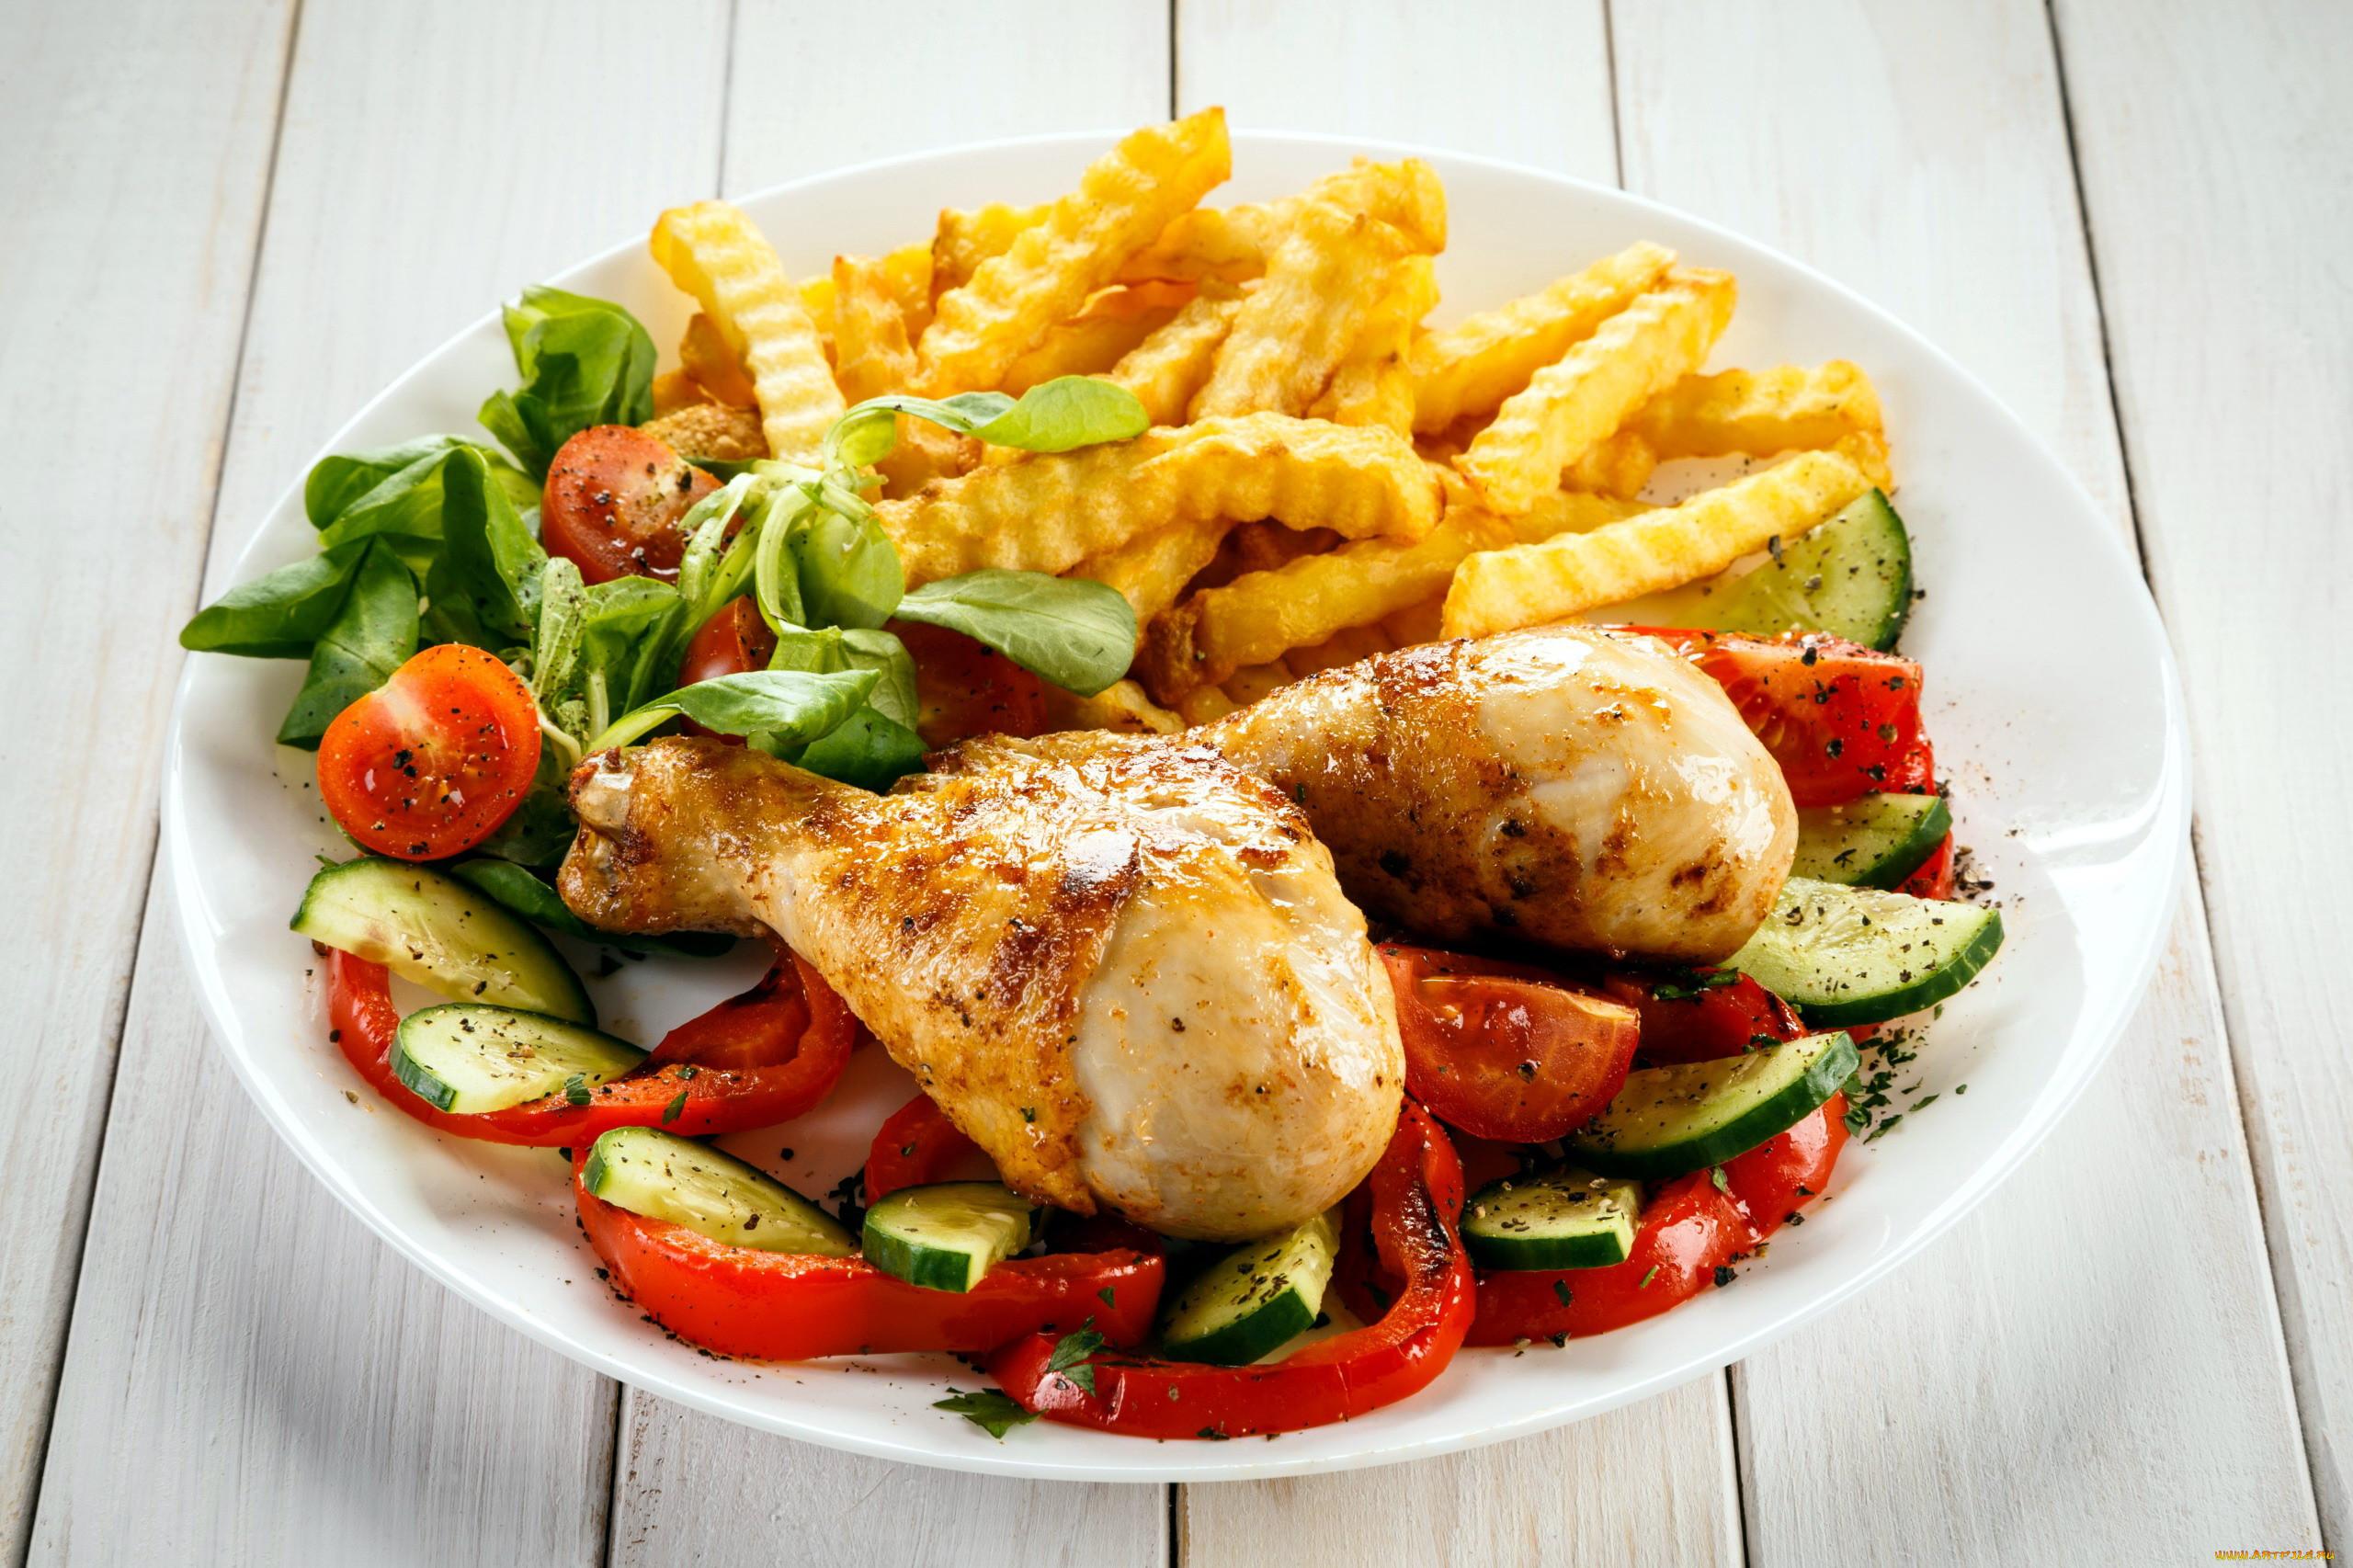 картинки с блюдами из курицы мука или